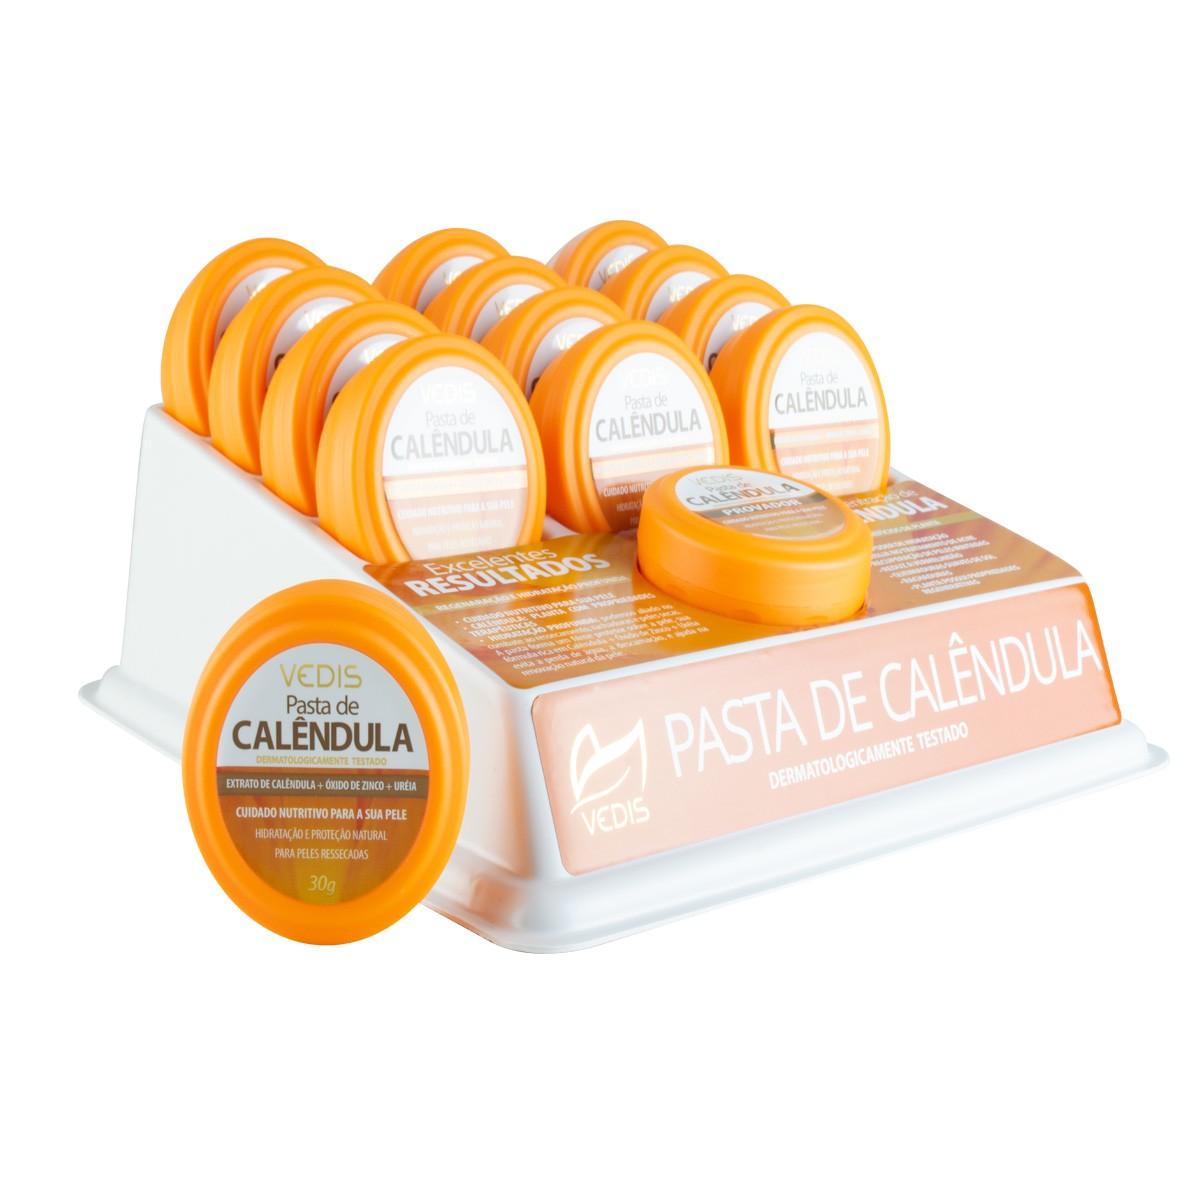 Pasta Calêndula com Provador Display com 12 un. de 30g - Vedis